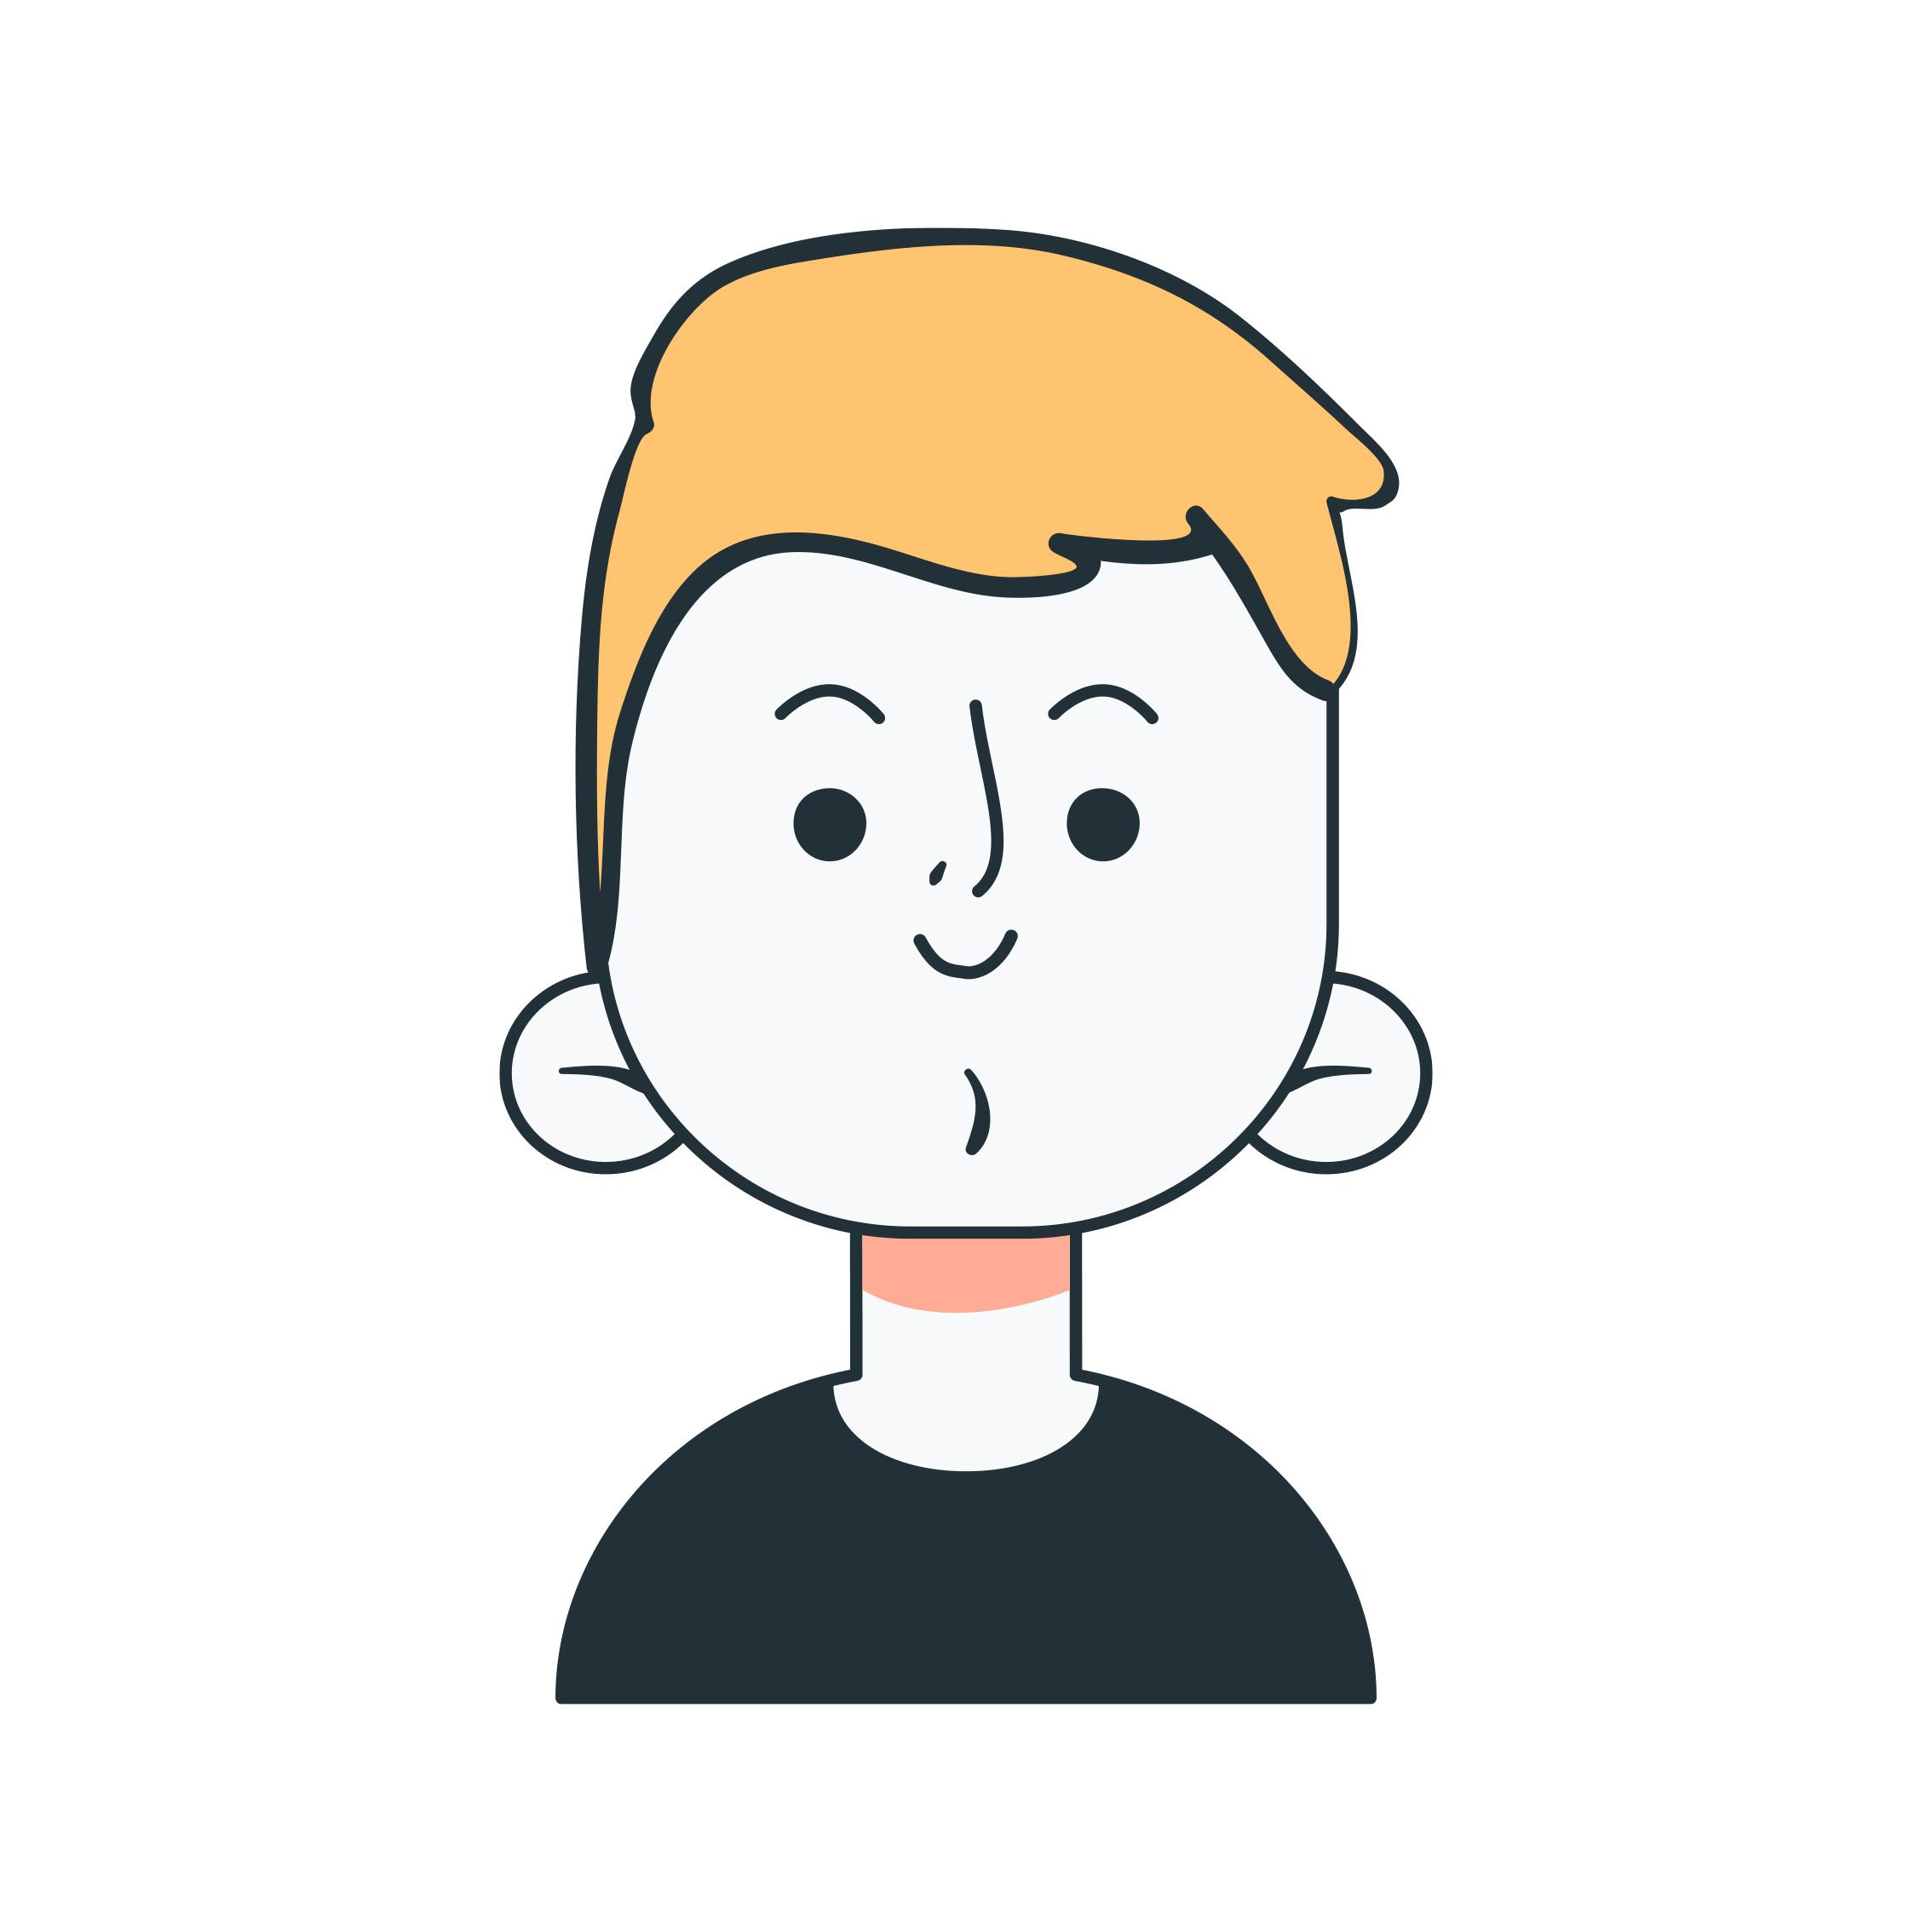 equipe-callune-avatar